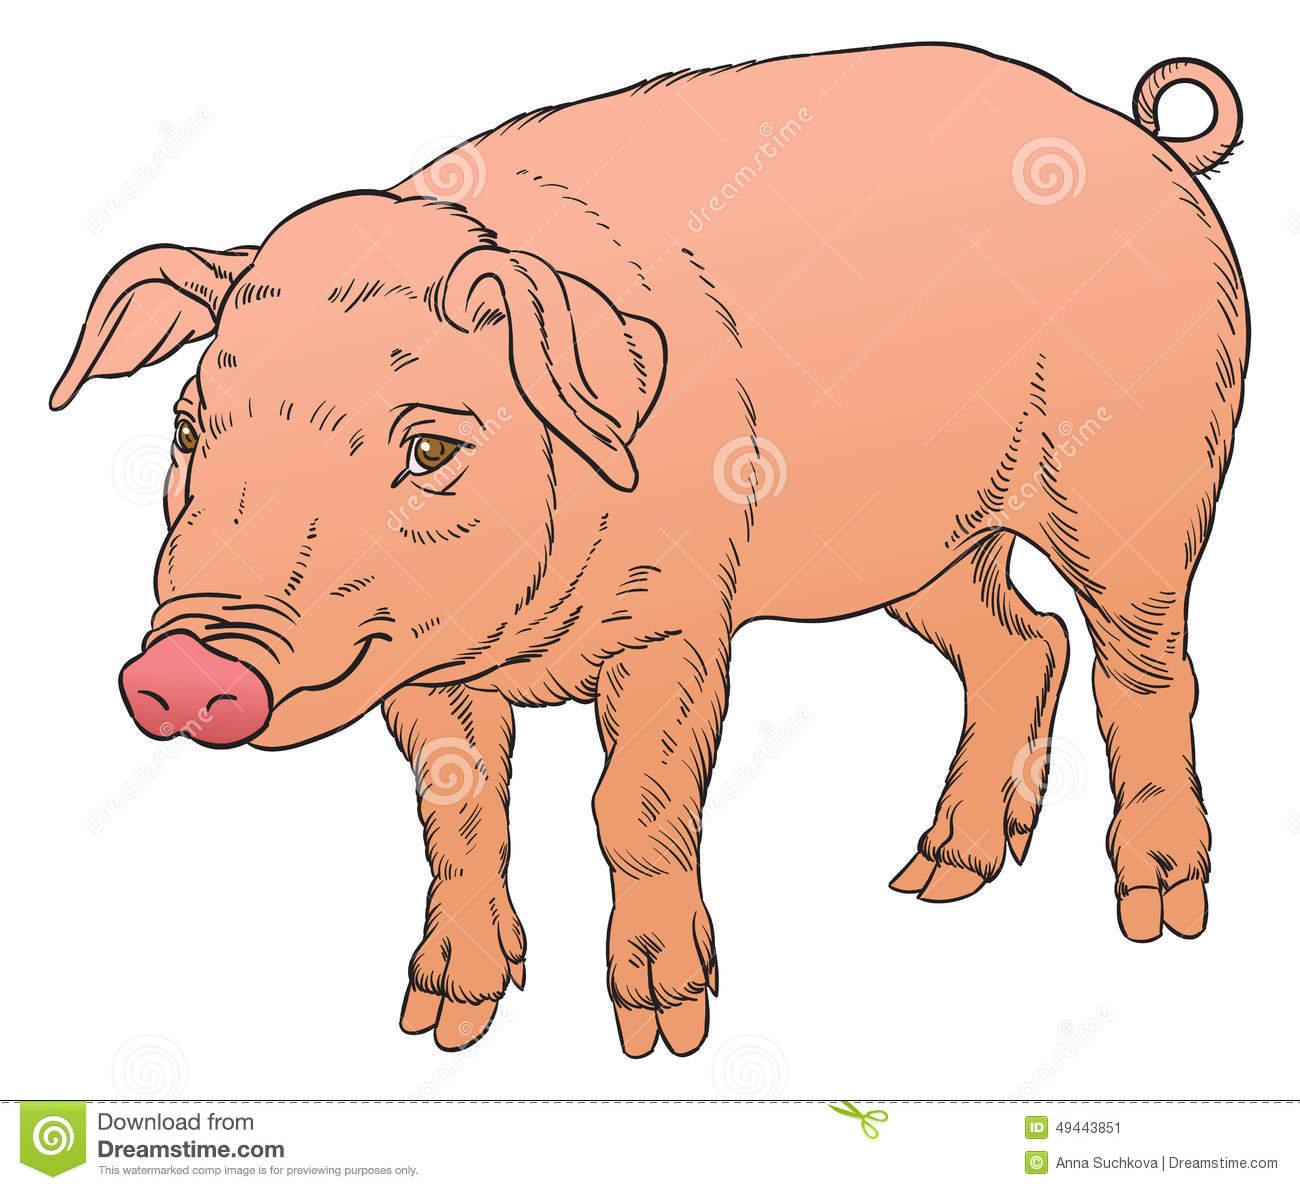 Dessin De Main De Couleur De Porc Domestique Illustration De dedans Dessin De Cochon En Couleur